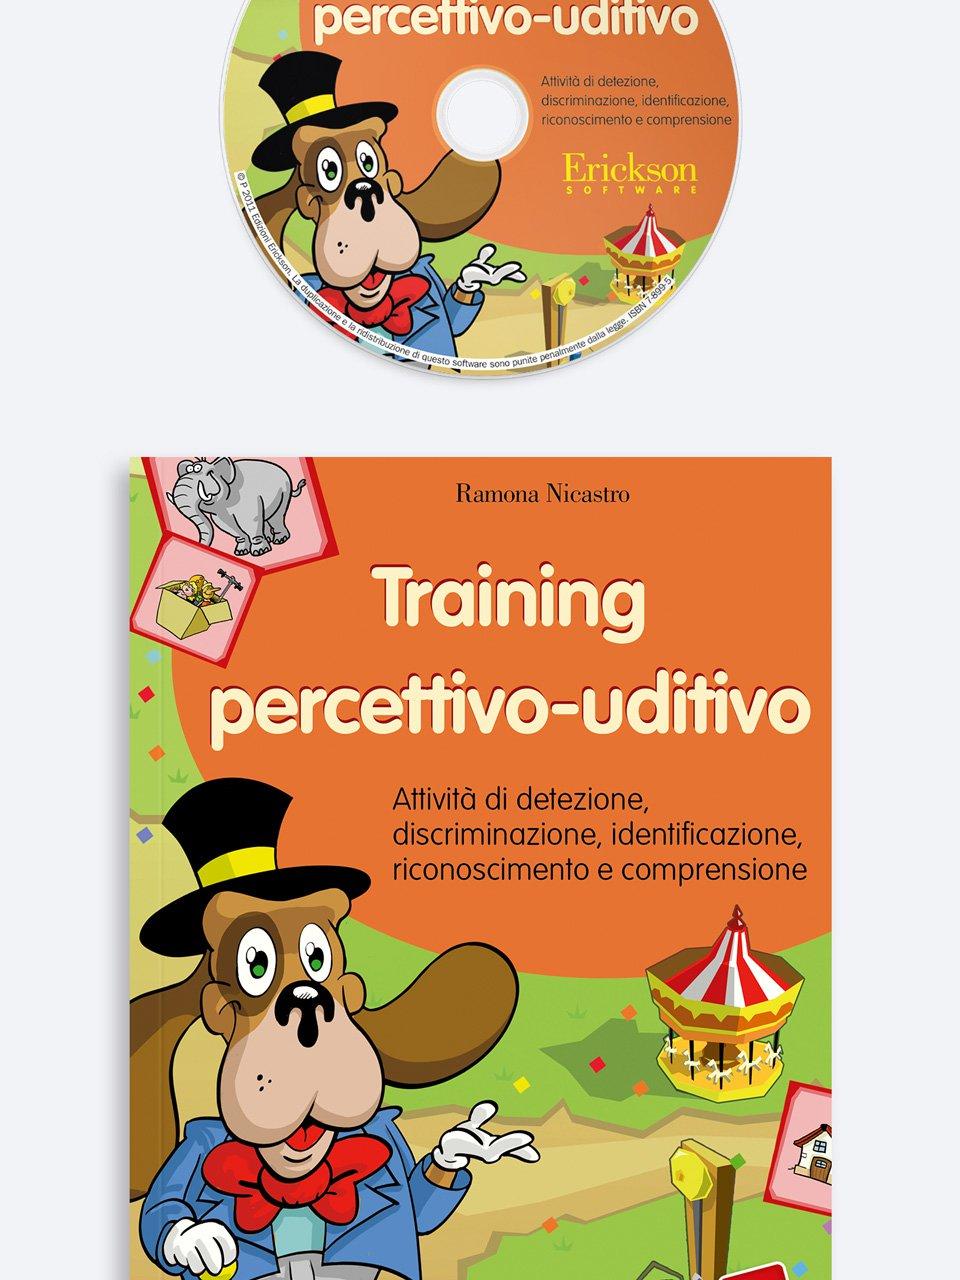 Training percettivo-uditivo - Stimolare le abilità percettivo-uditive - Libri - Erickson